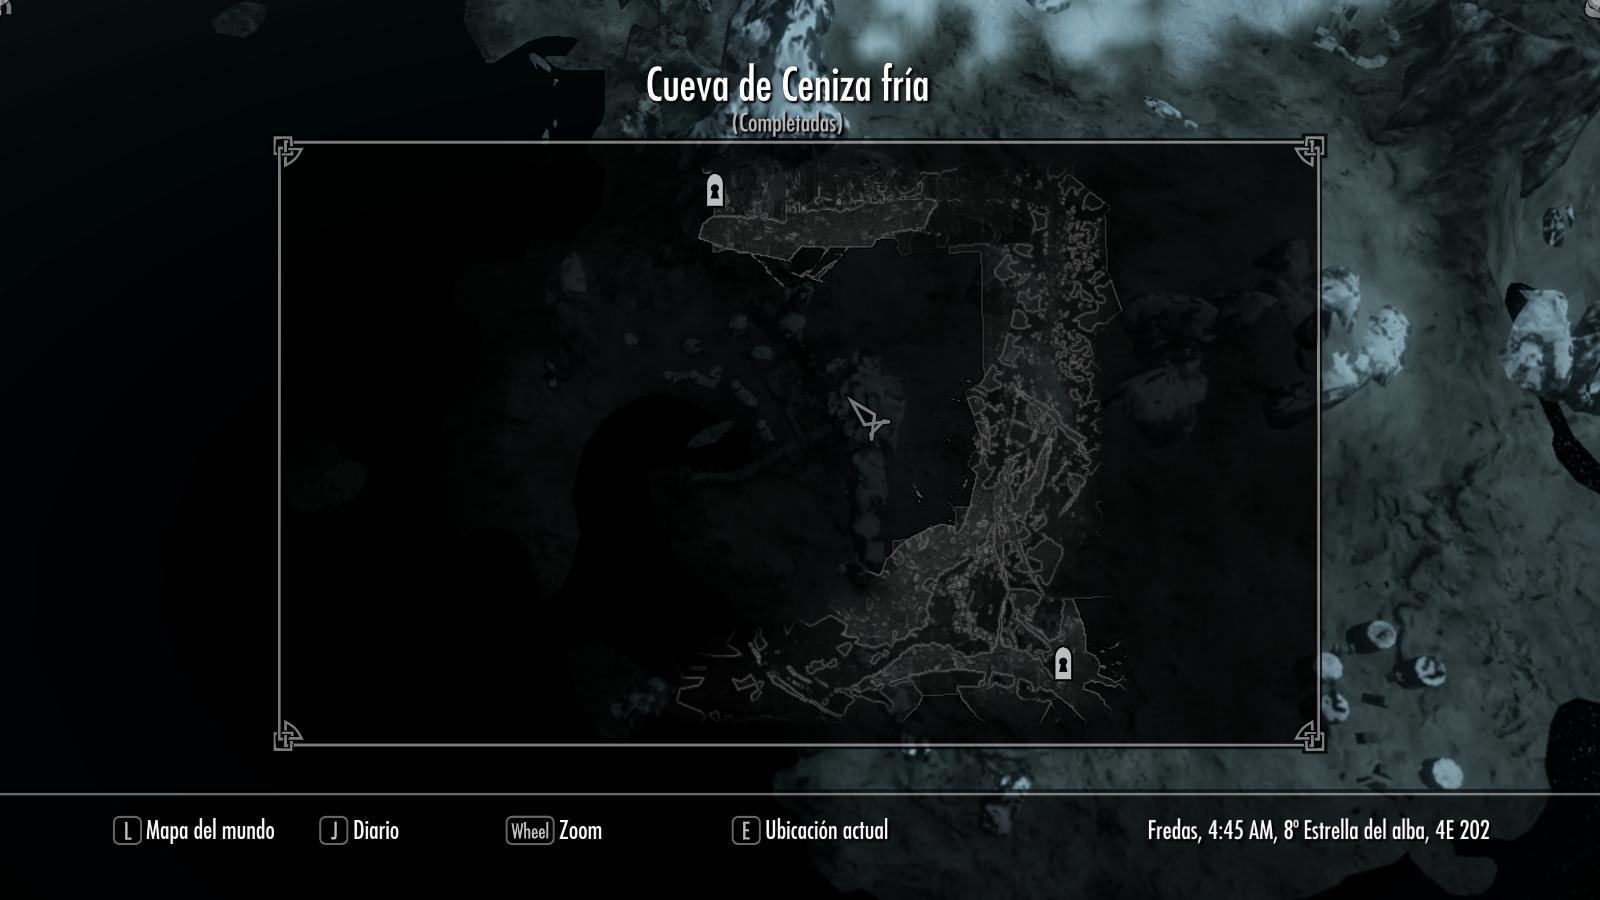 Cueva de Ceniza fría